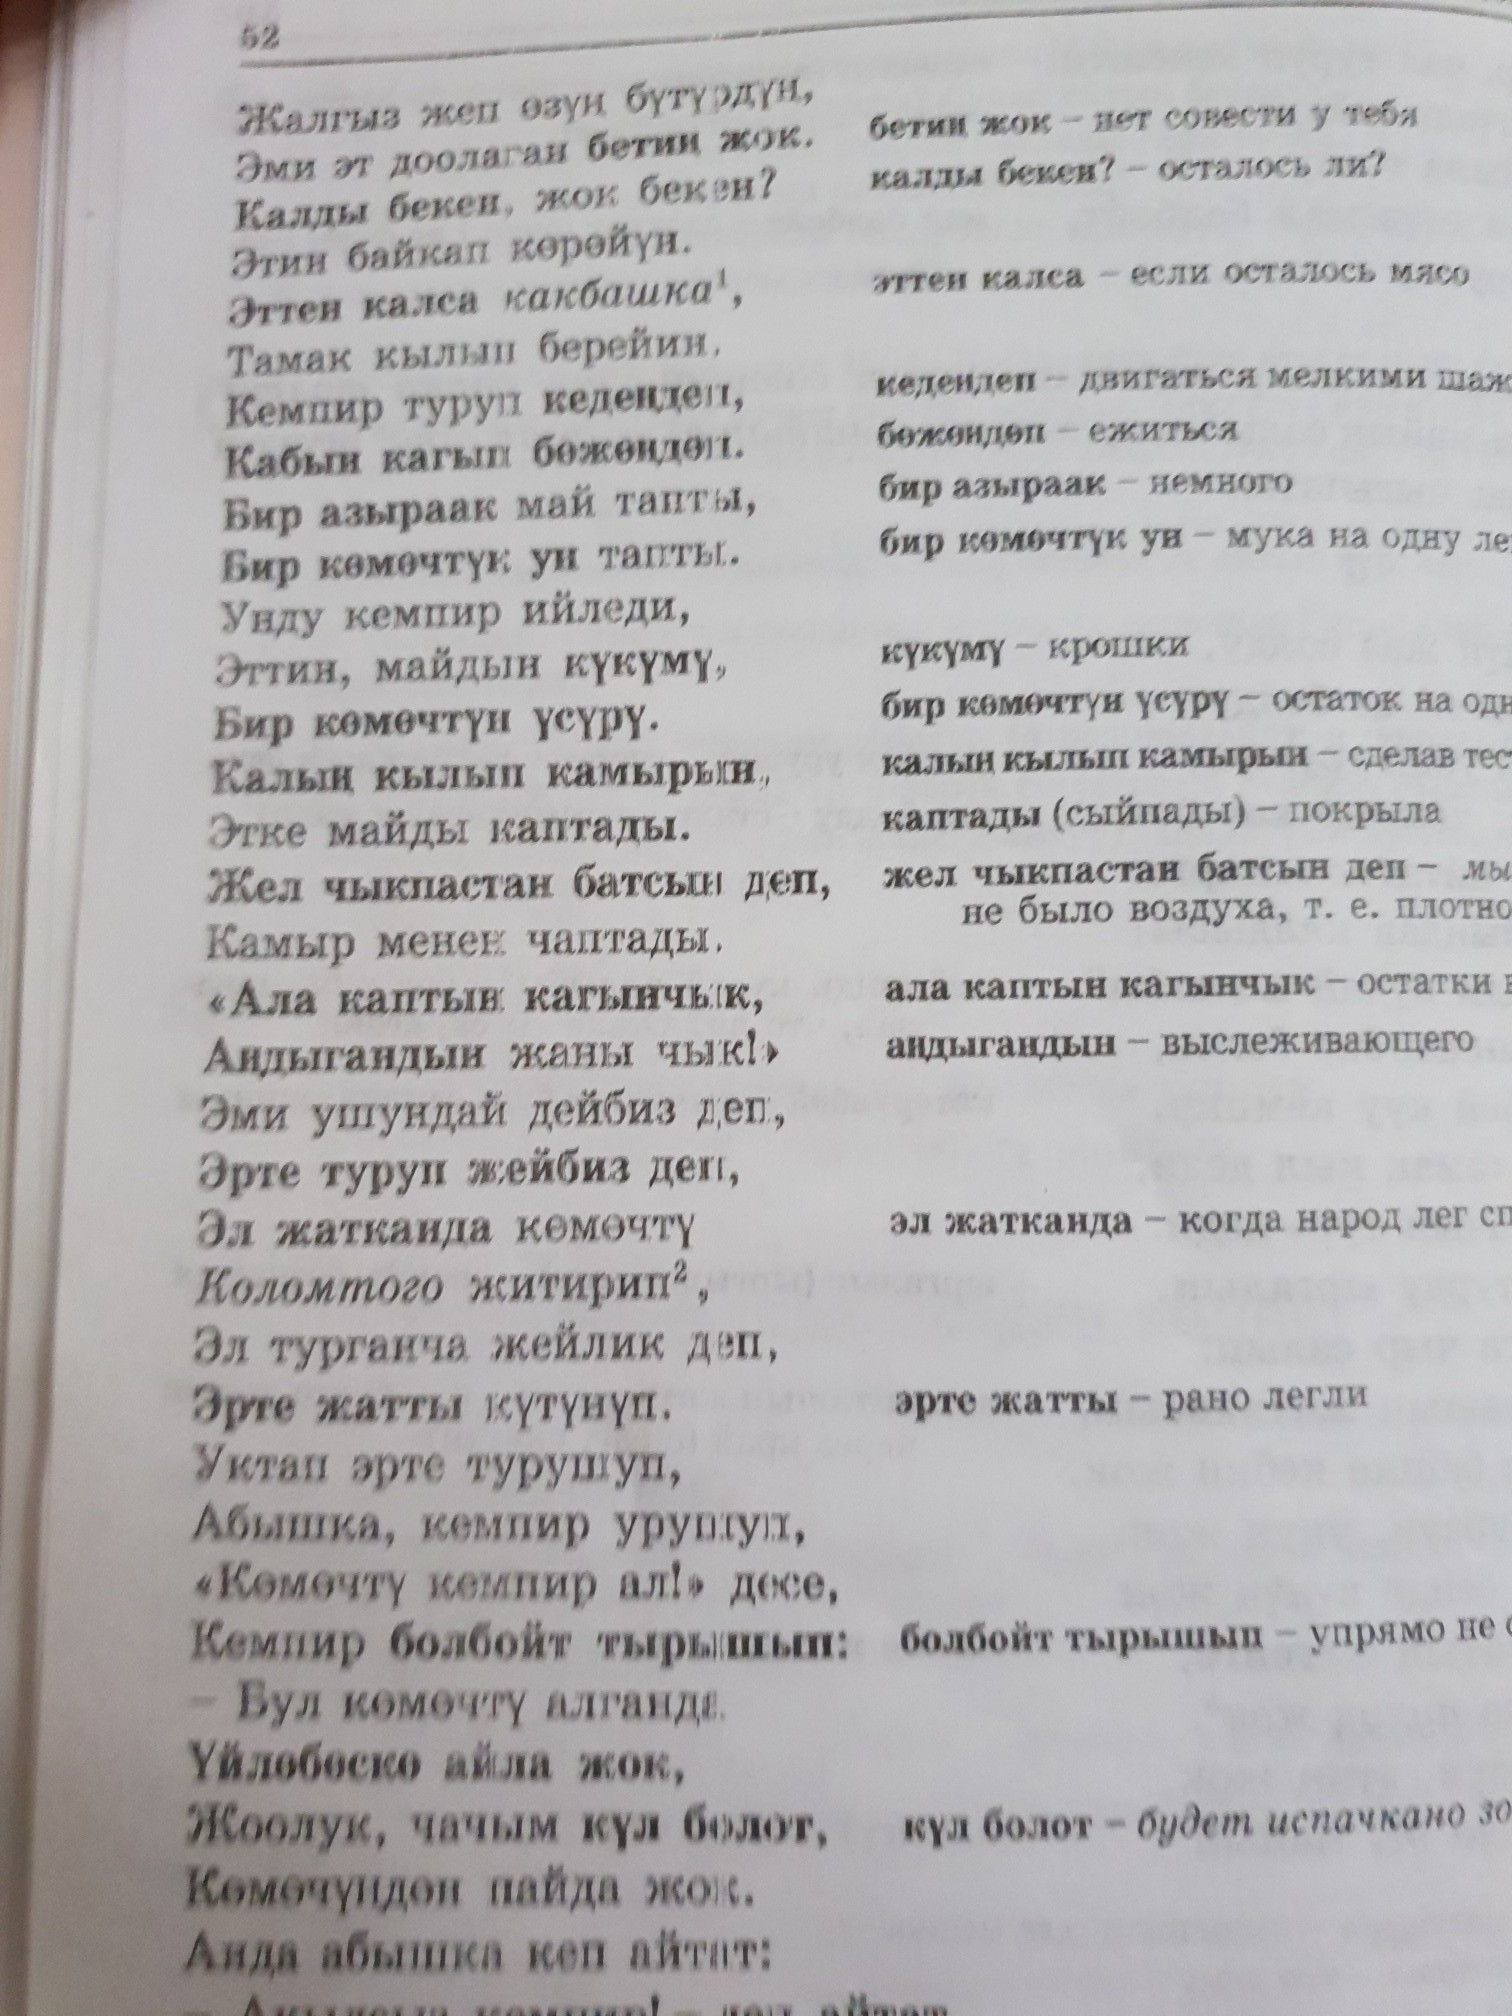 Переведите на русский пожалуйста, мне срочно!